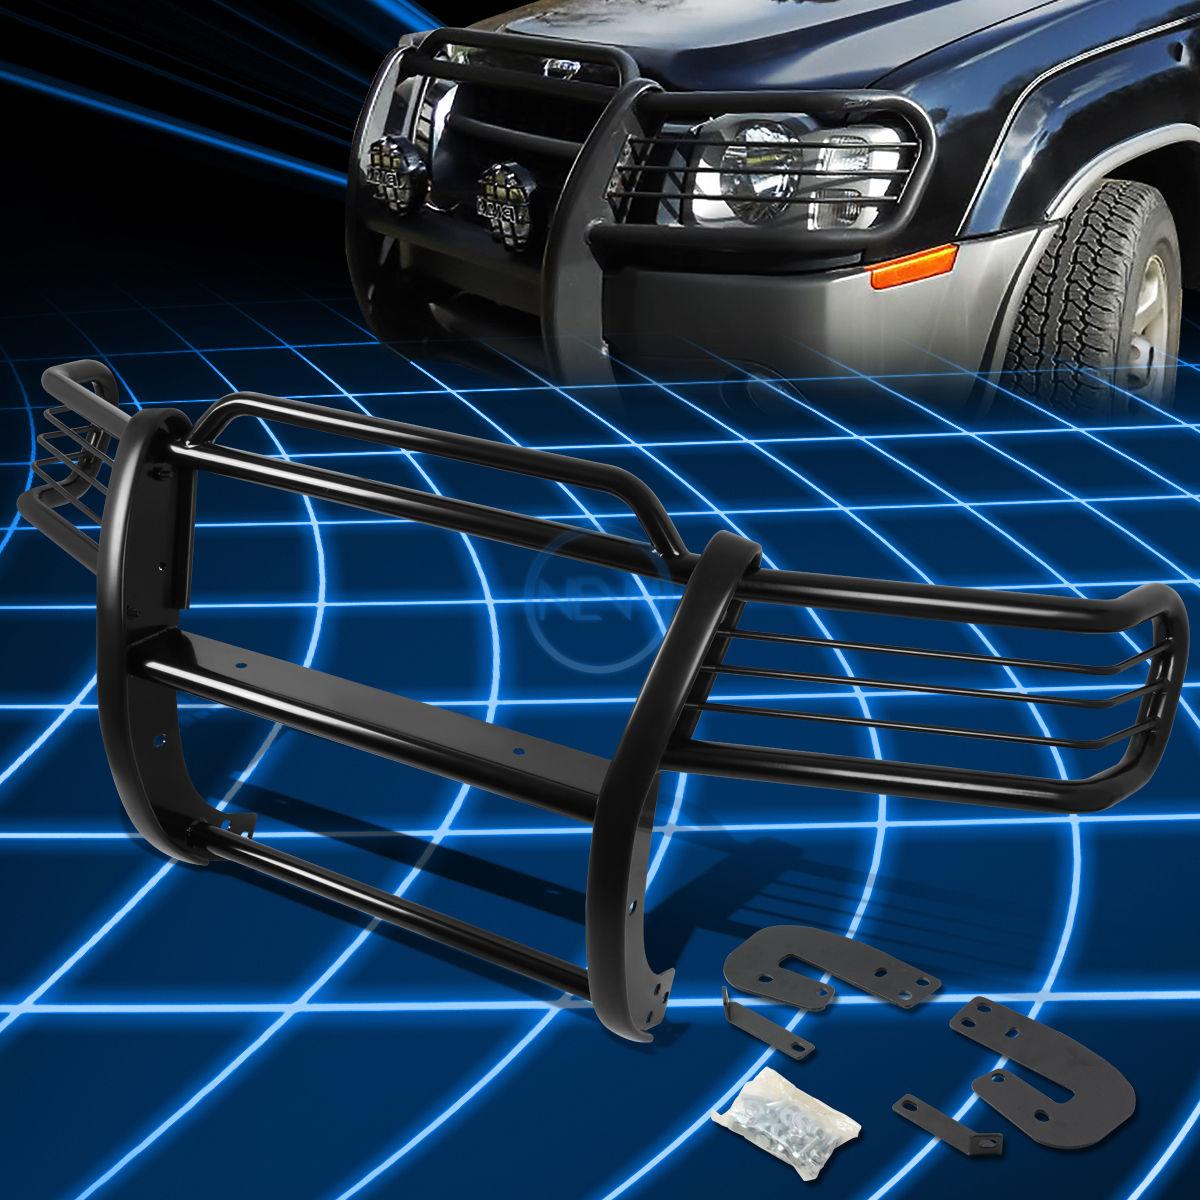 安価 グリル ブラックブラシバンパープロテクターグリルガード(2002 - 2004年)日産Xterra WD22 SUV Bumper 2002-2004 Black Brush Bumper Guard Protector Grille Guard for 2002-2004 Nissan Xterra WD22 SUV, 東浦町:fcd36fb1 --- creativegroundmedia.com